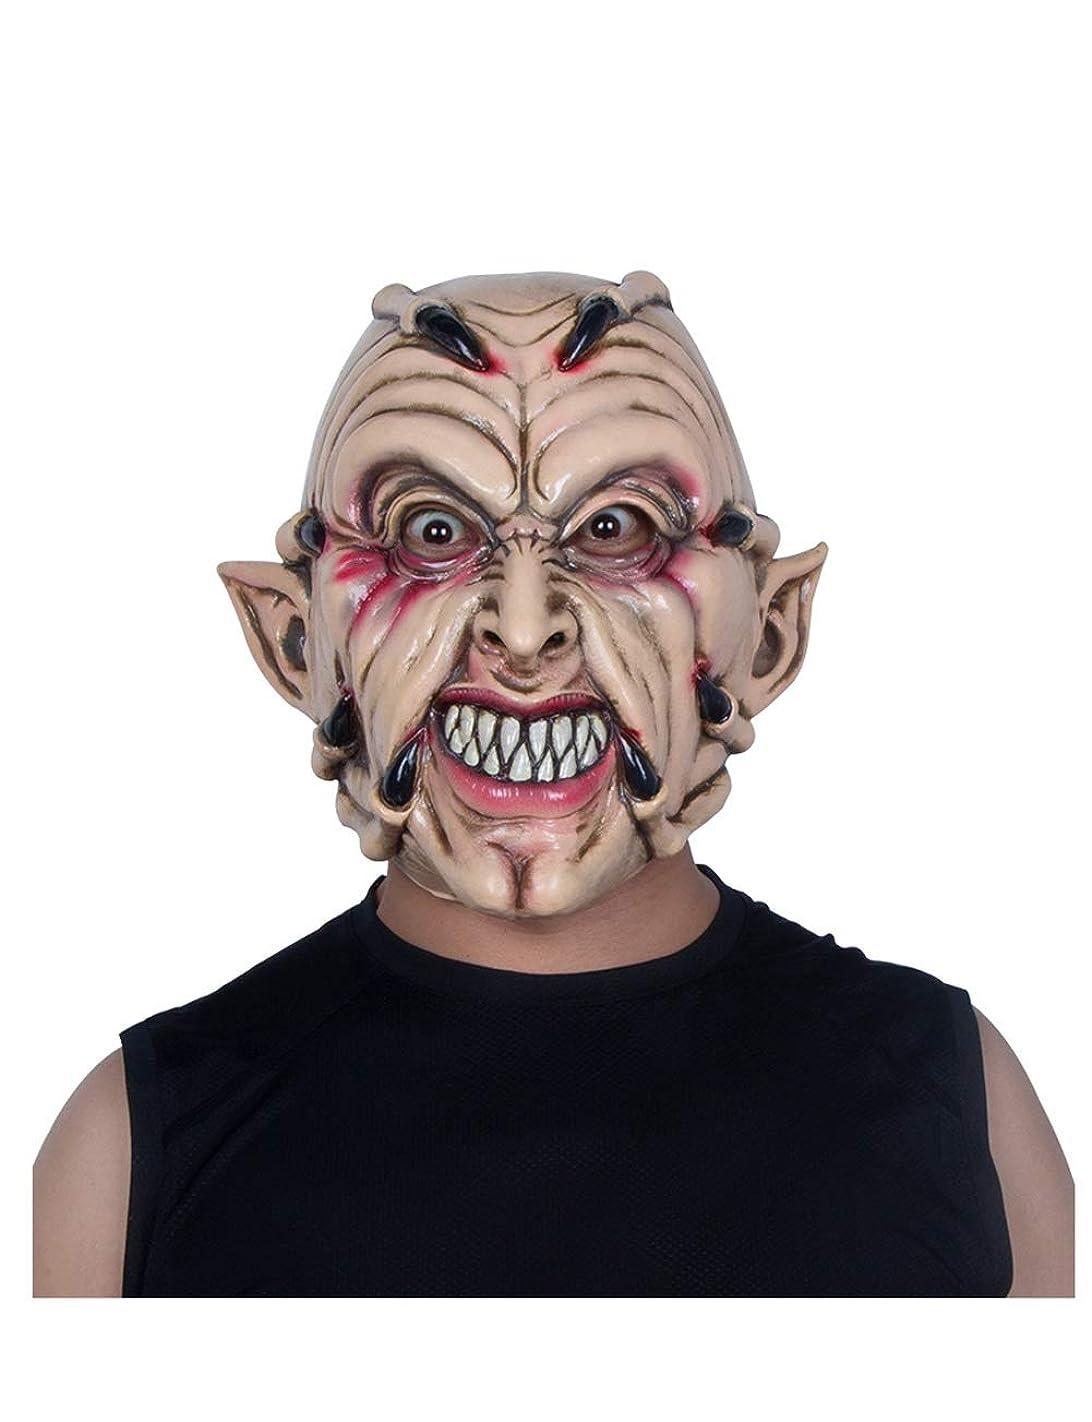 減らすパレード粘液ハロウィンマスクホラー大人男性フルフェイスラテックスヘッドギア